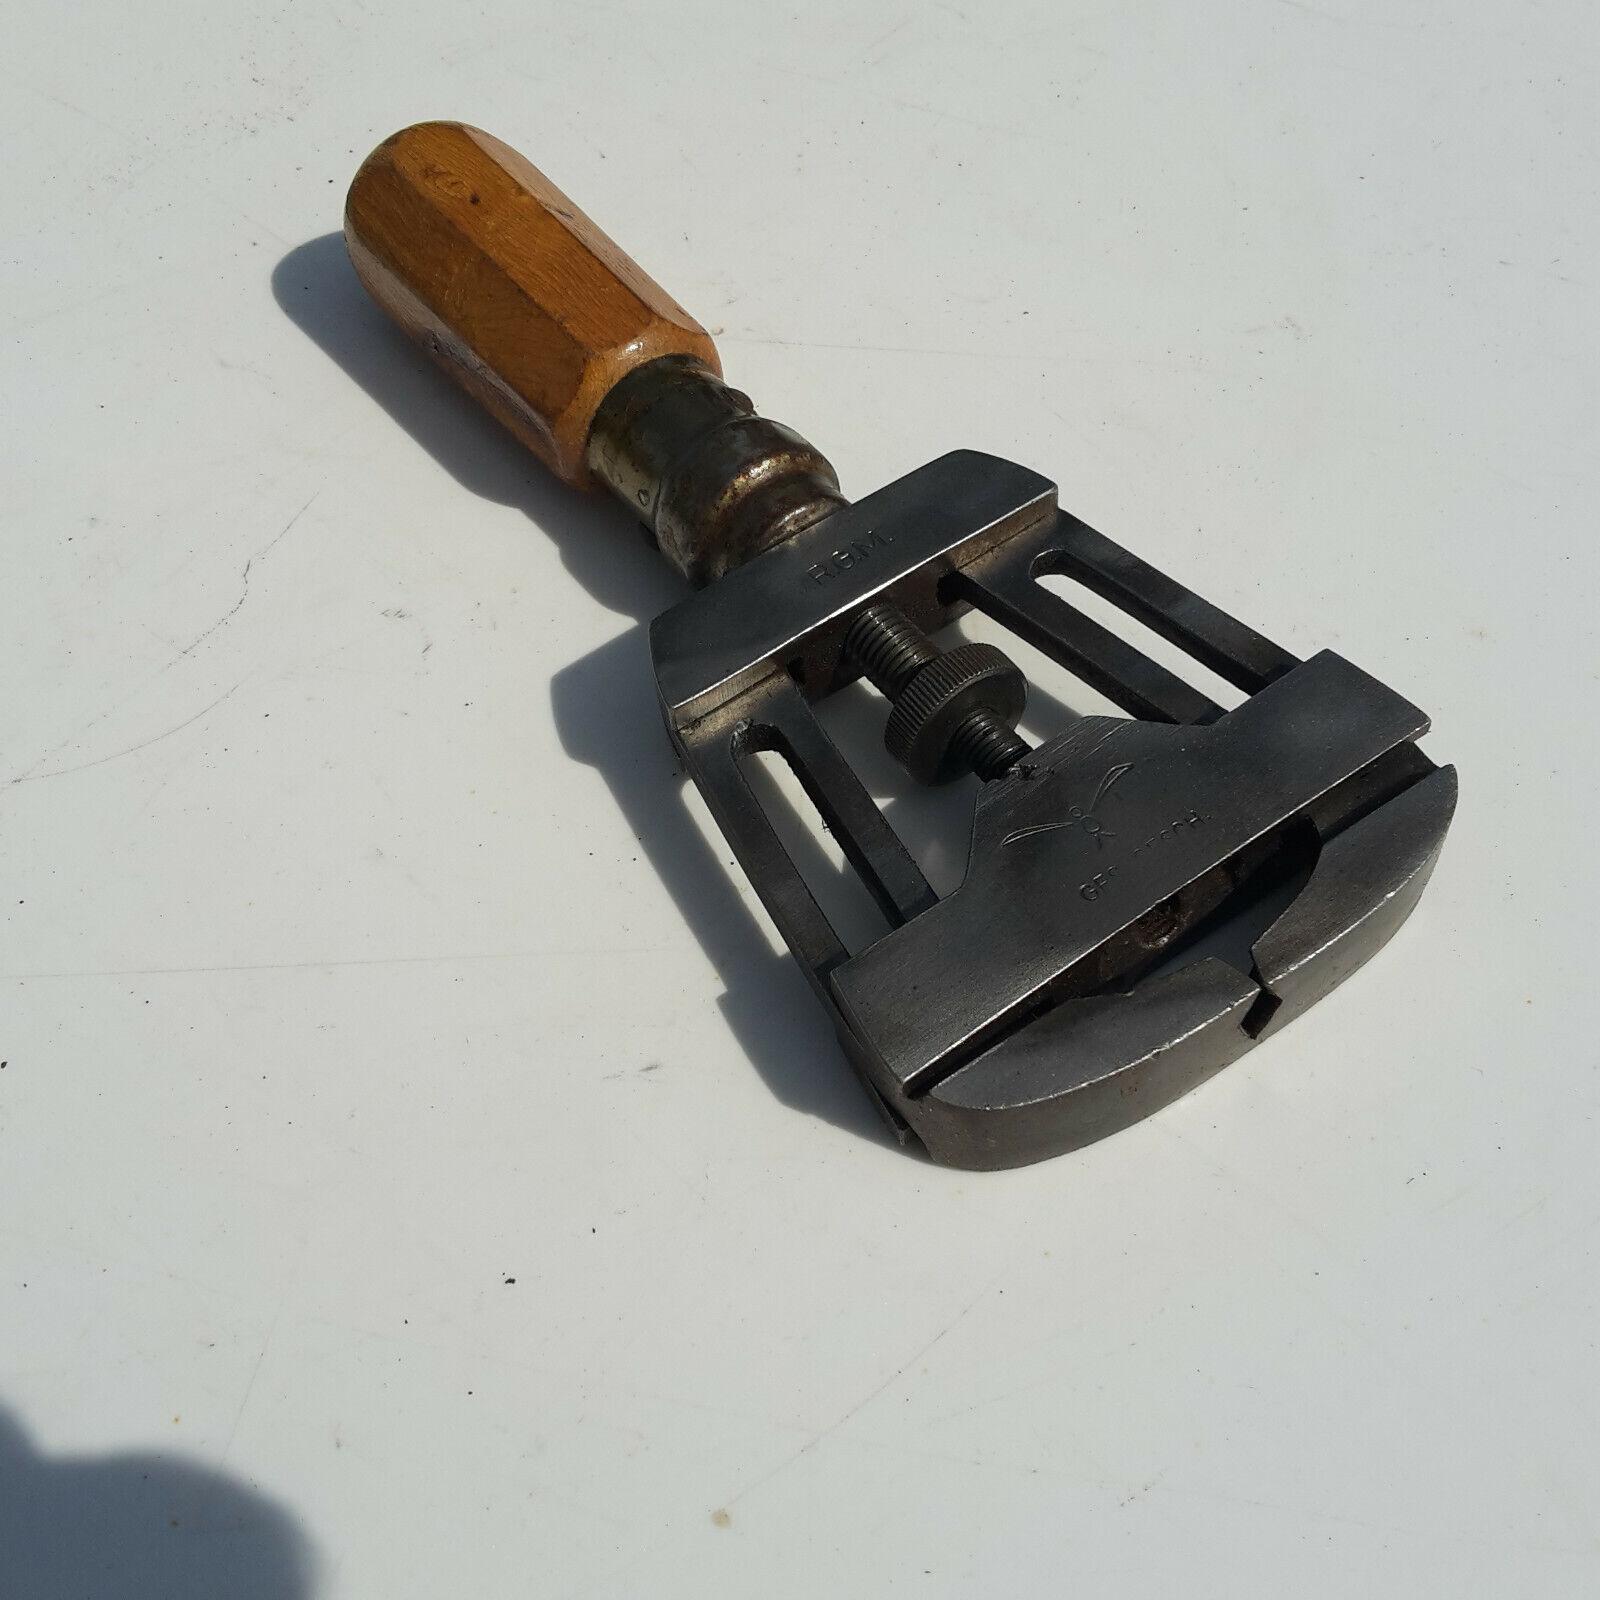 Bild 1 - Altes Werkzeug gemarkt Zweck und Funktion unbekannt ??